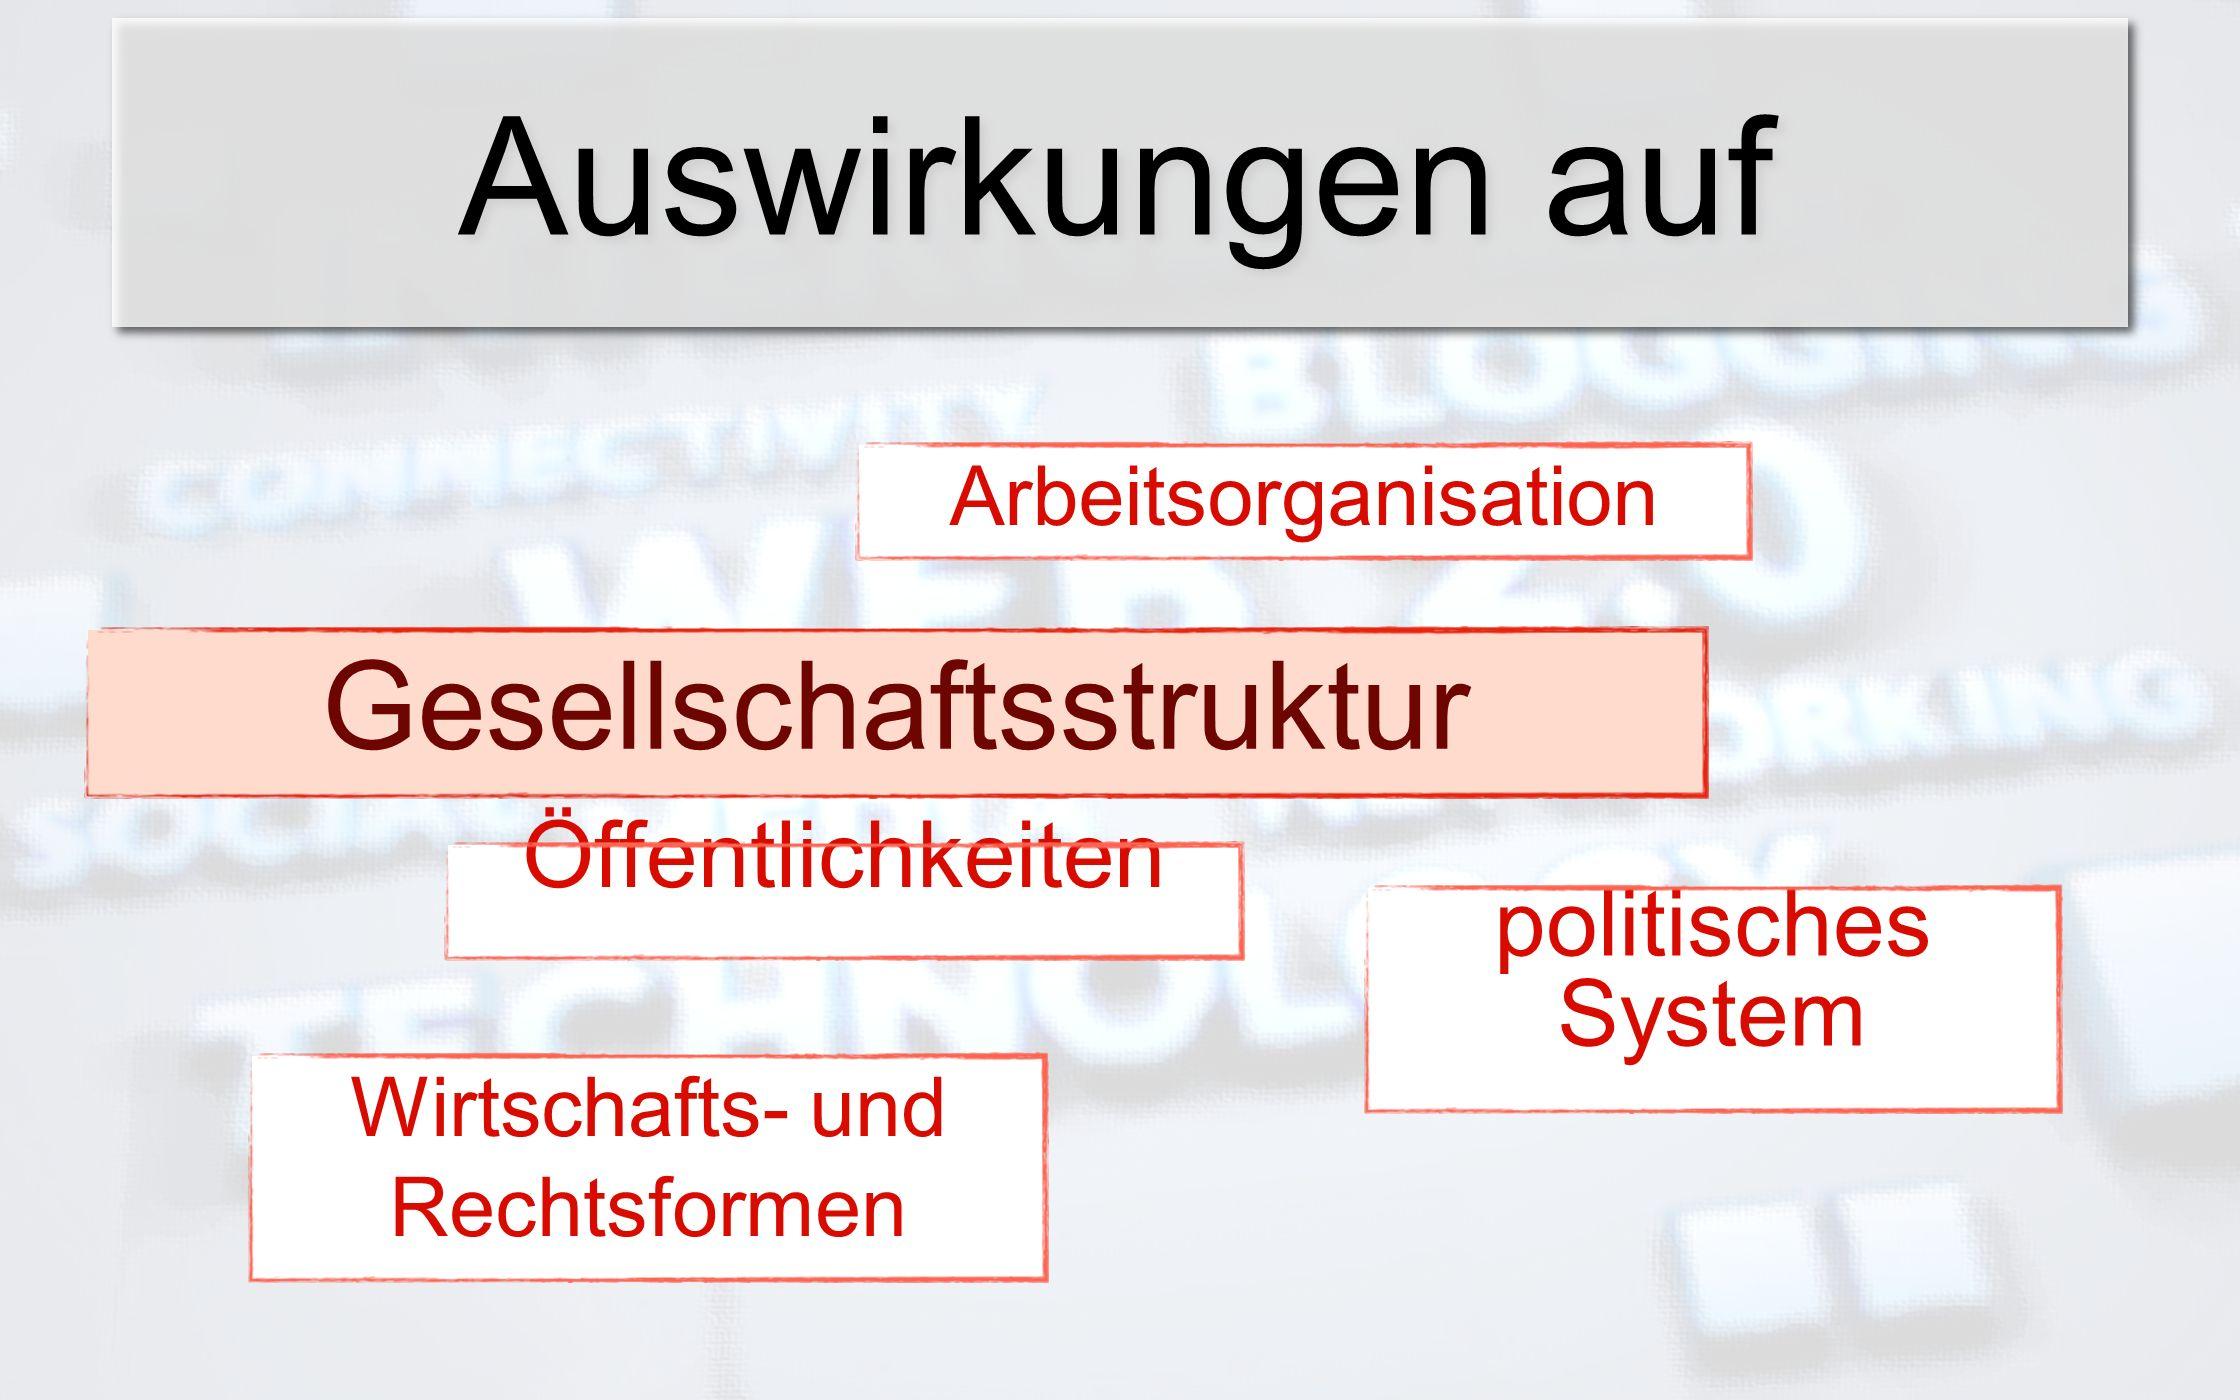 Auswirkungen auf Gesellschaftsstruktur politisches System Arbeitsorganisation Wirtschafts- und Rechtsformen Öffentlichkeiten